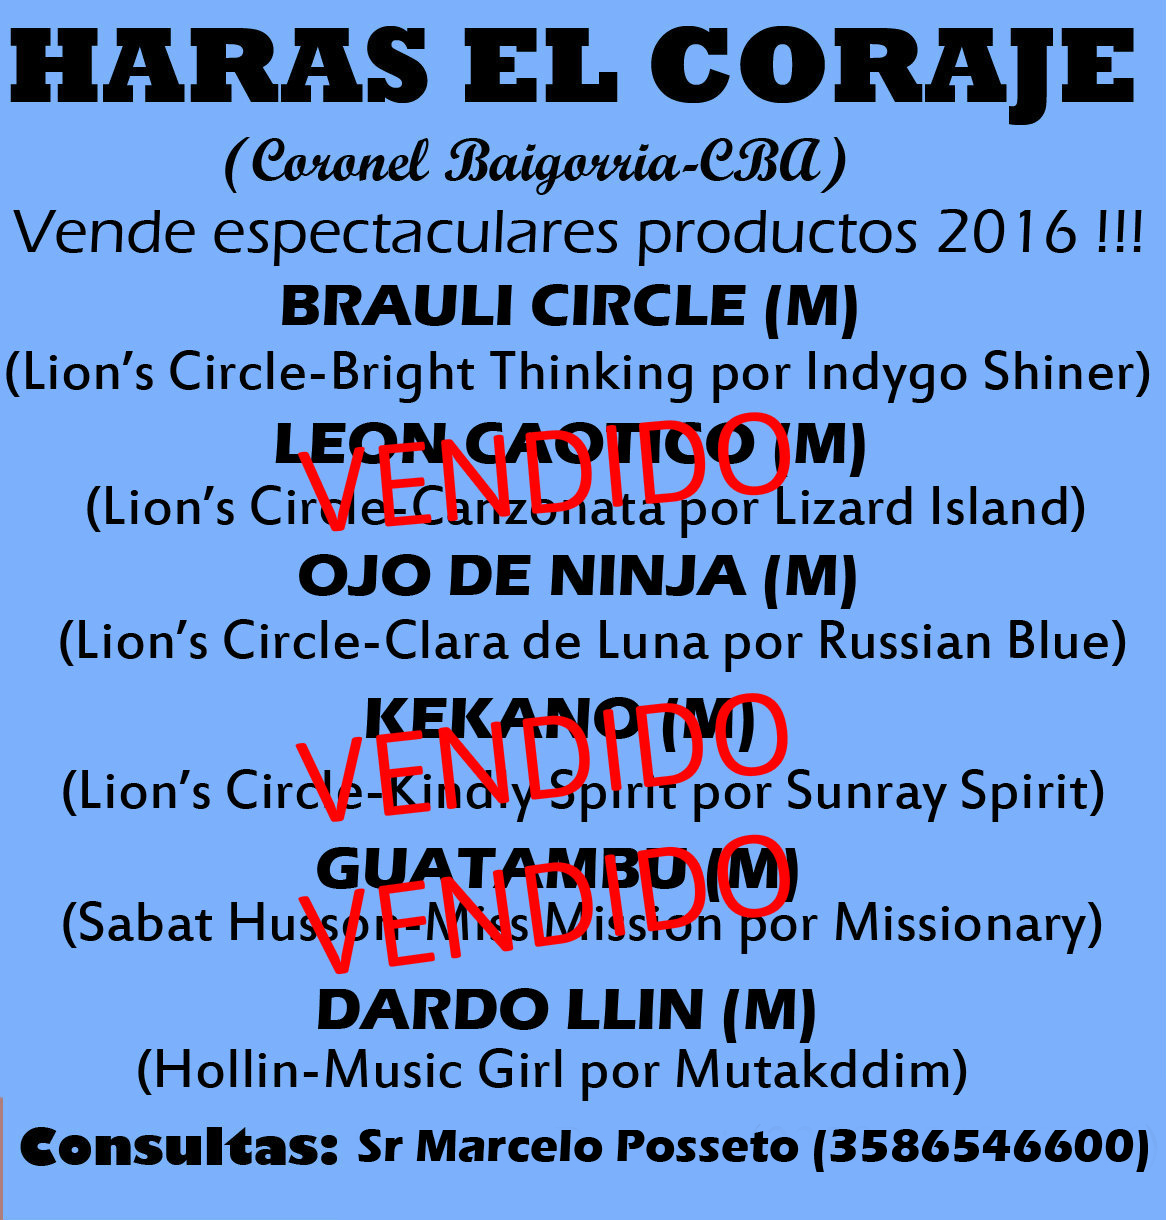 HS EL CORAJE PRODUCTOS 1N